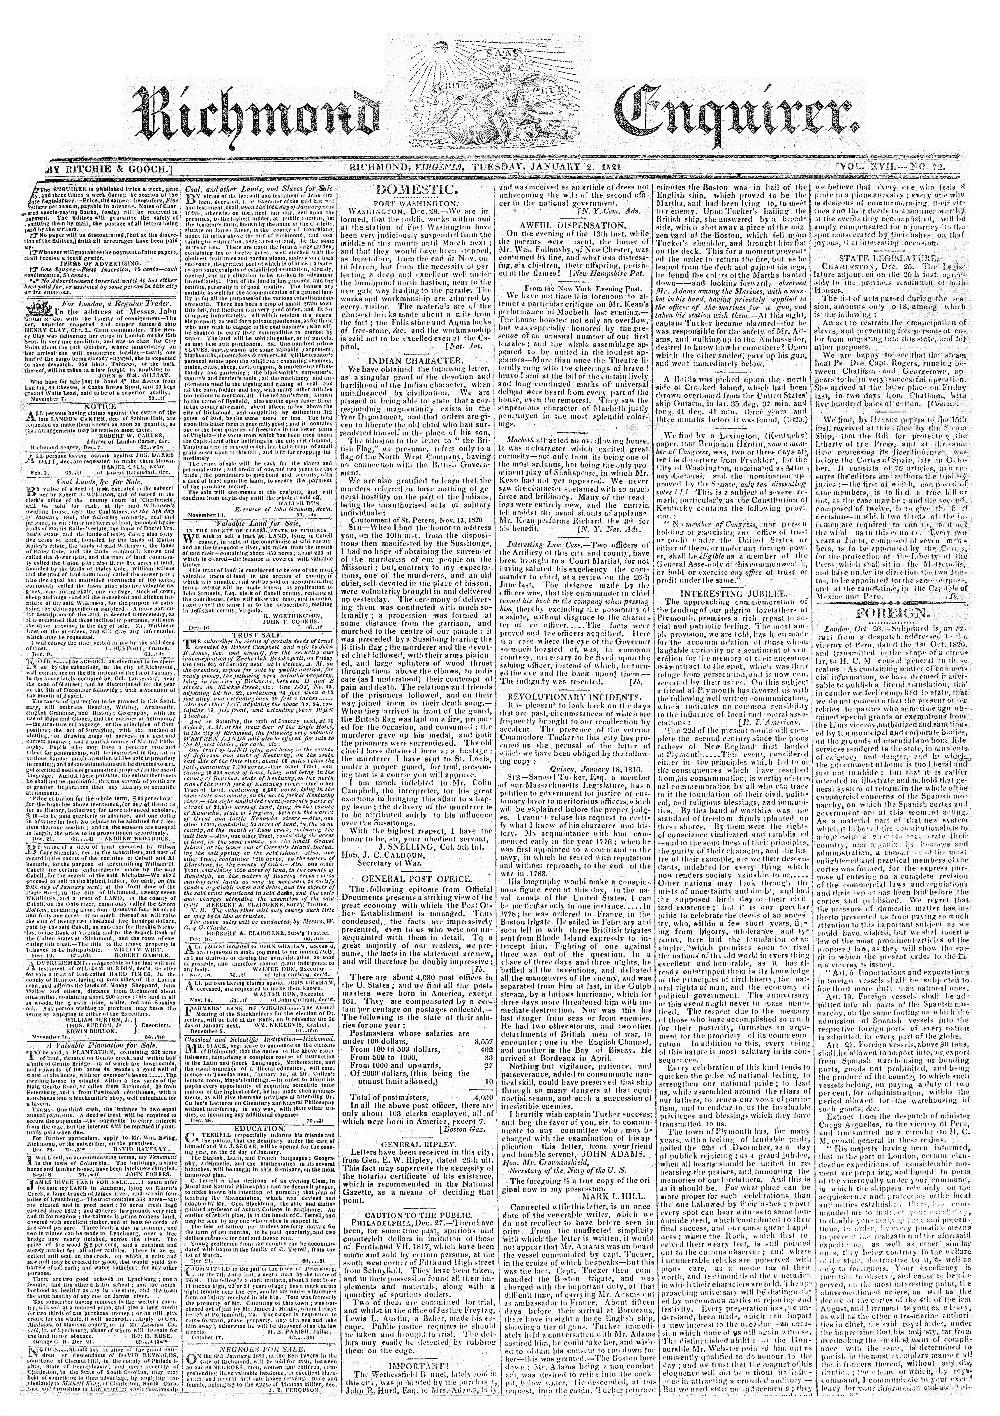 Richmond enquirer - page 1